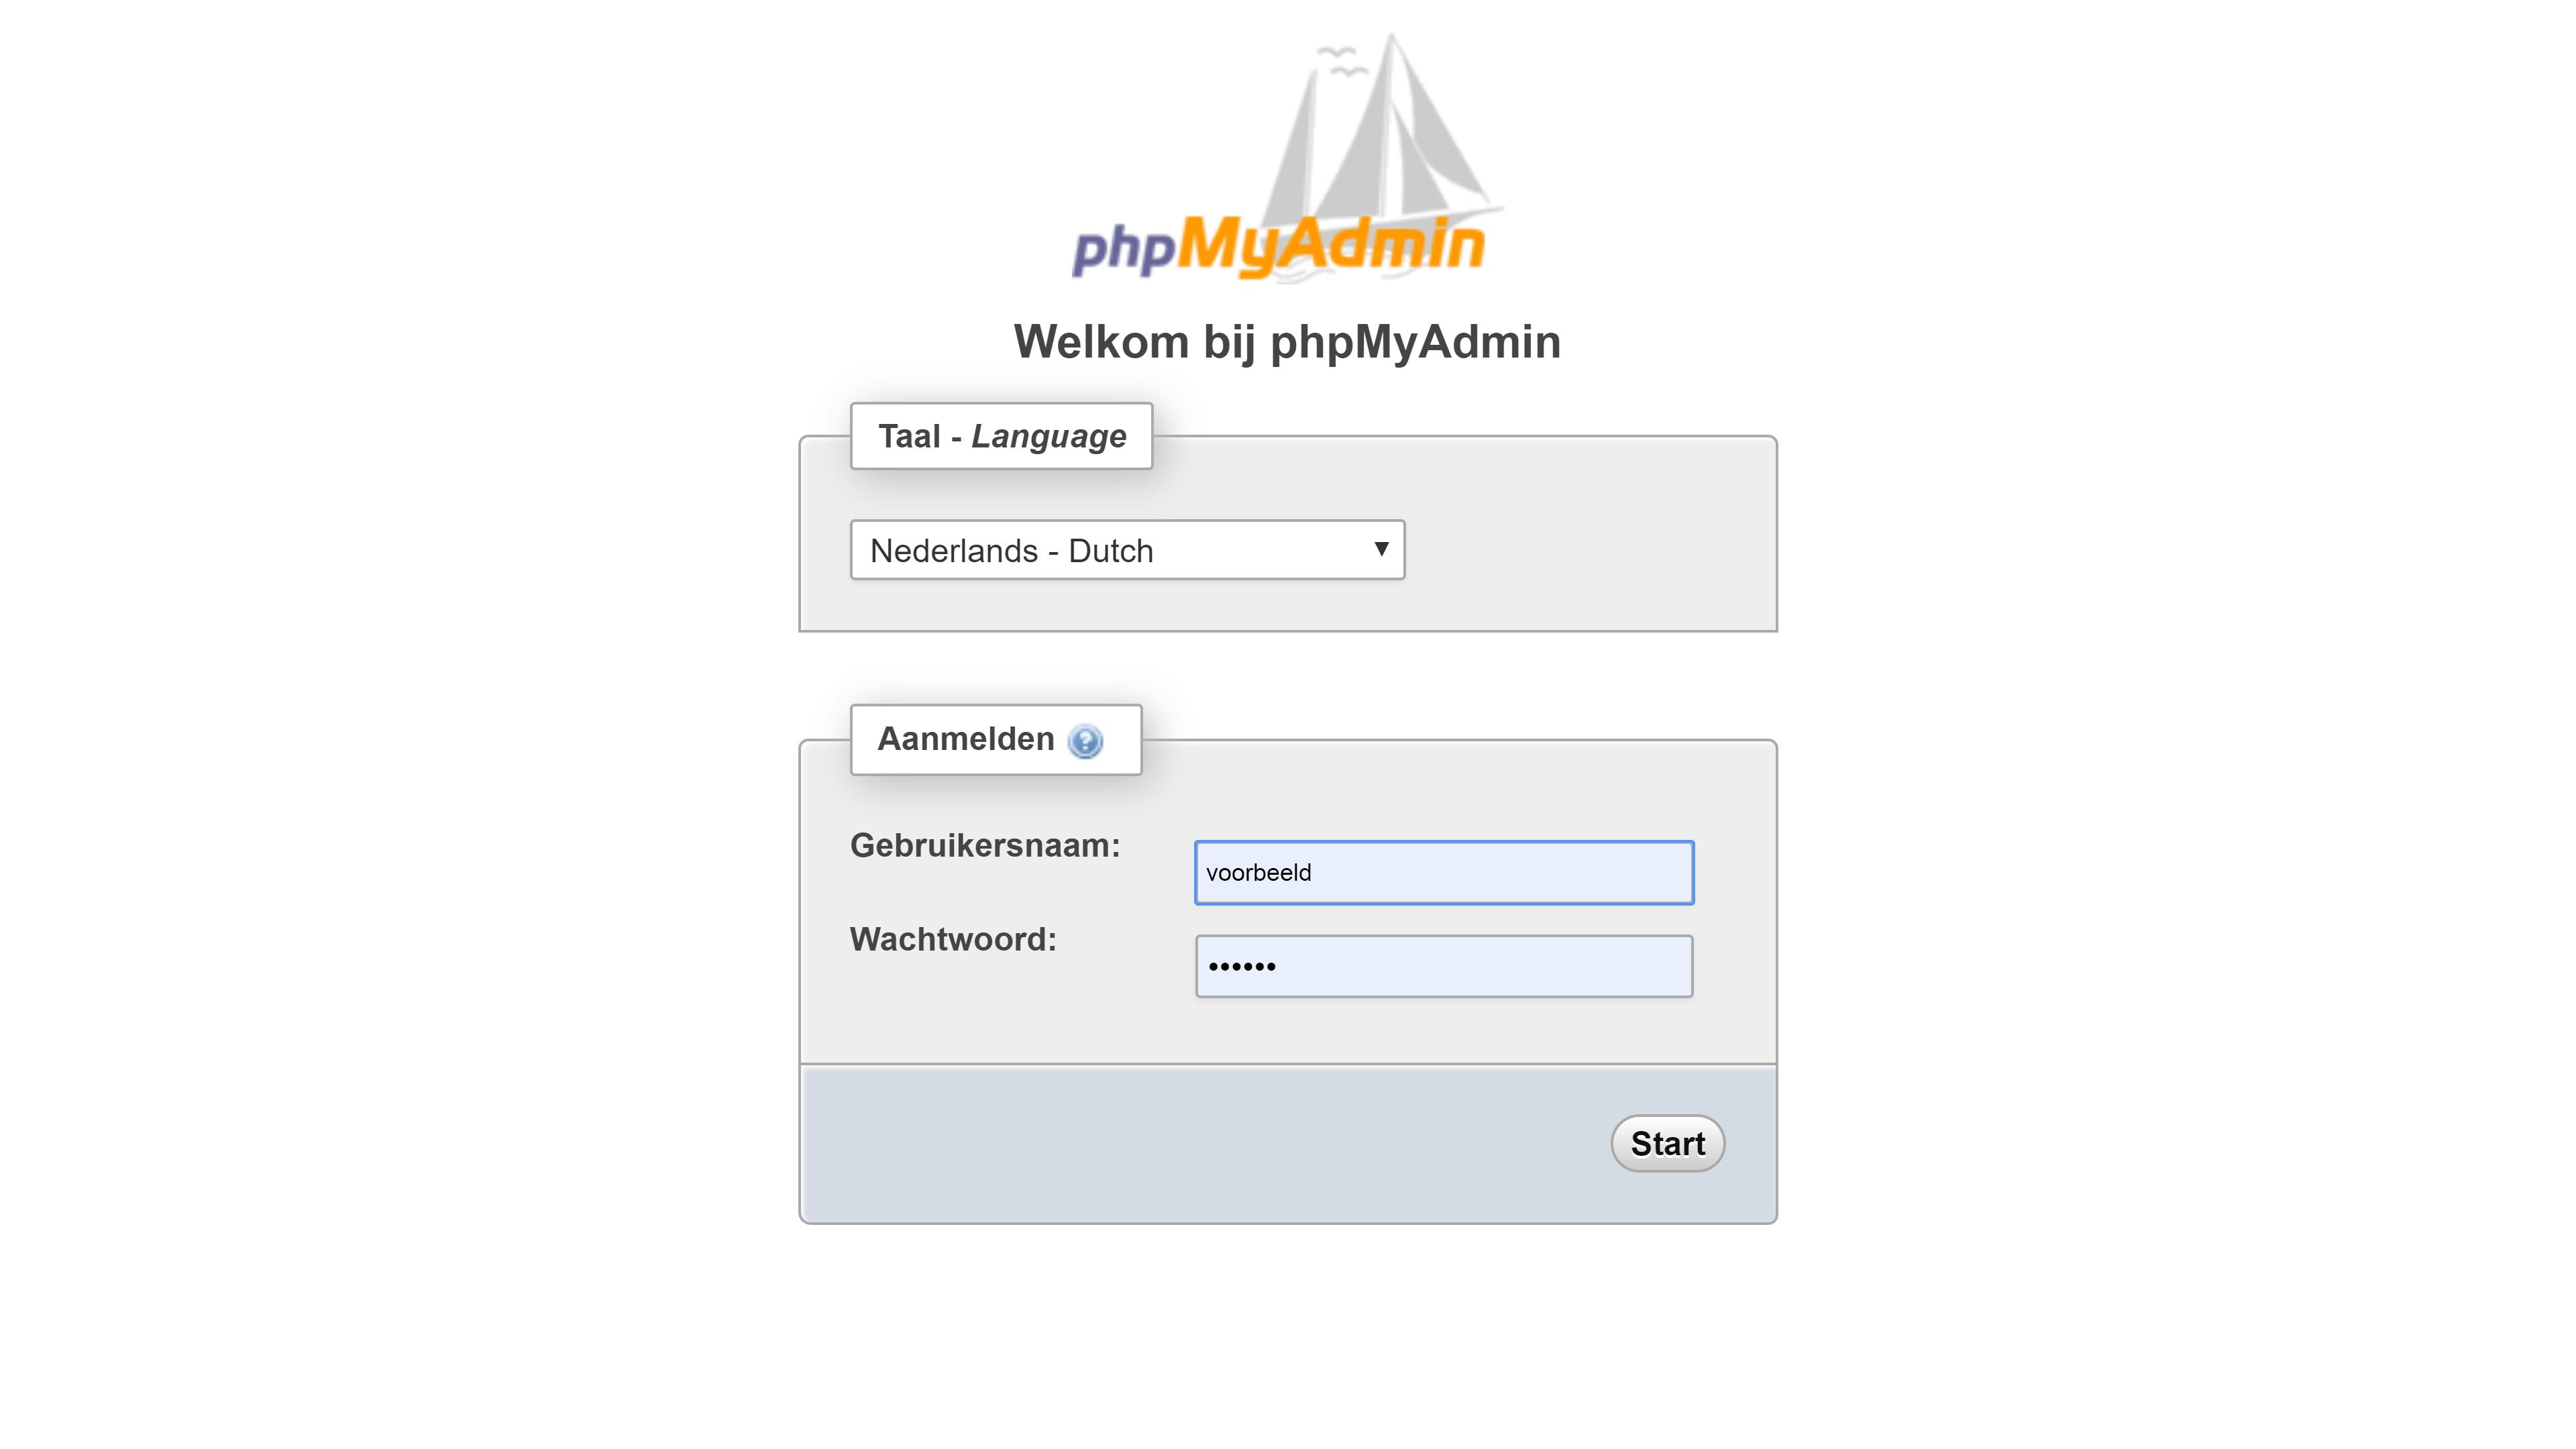 Afbeelding van het inlogscherm van phpMyAdmin.